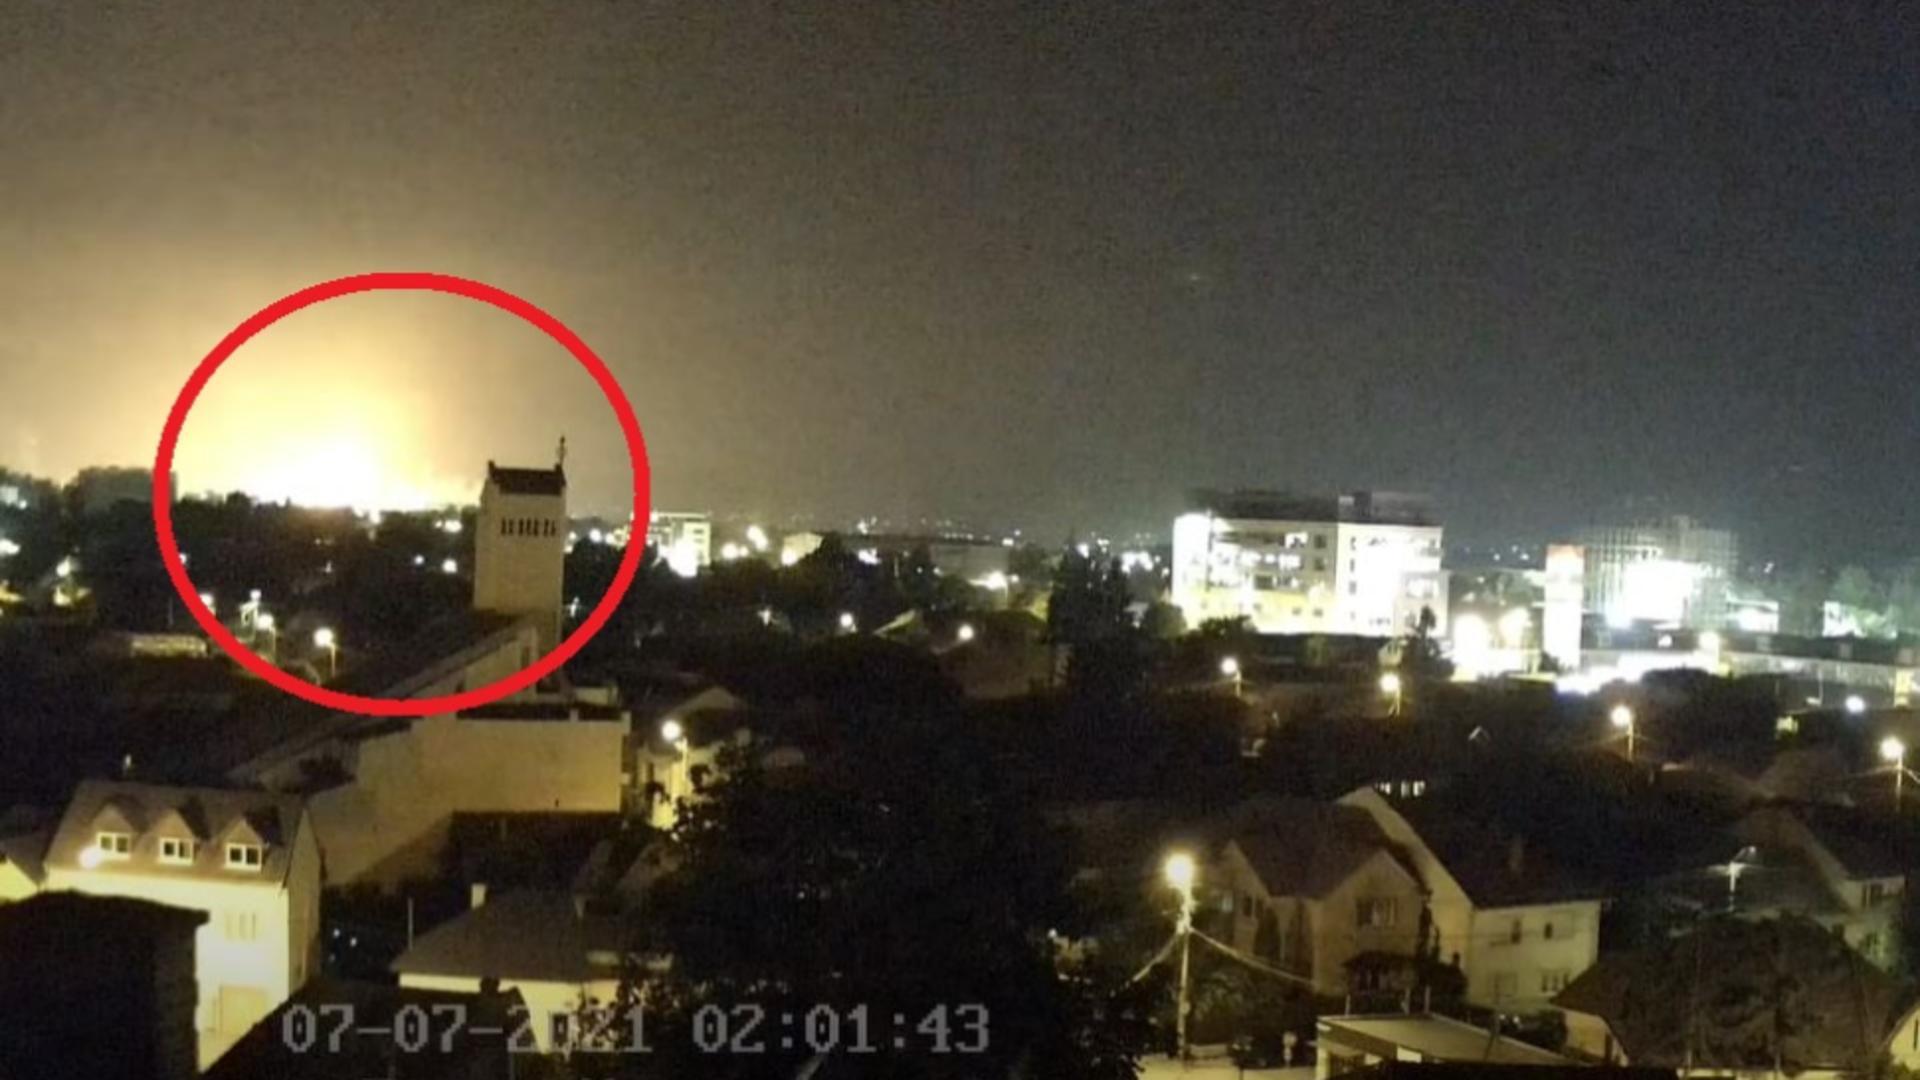 VIDEO - Explozie urmată de incendiu la Combinatul Chimic Azomureș - Cel puțin o persoană a fost rănită - Momentul deflagrației, surprins de camerele video